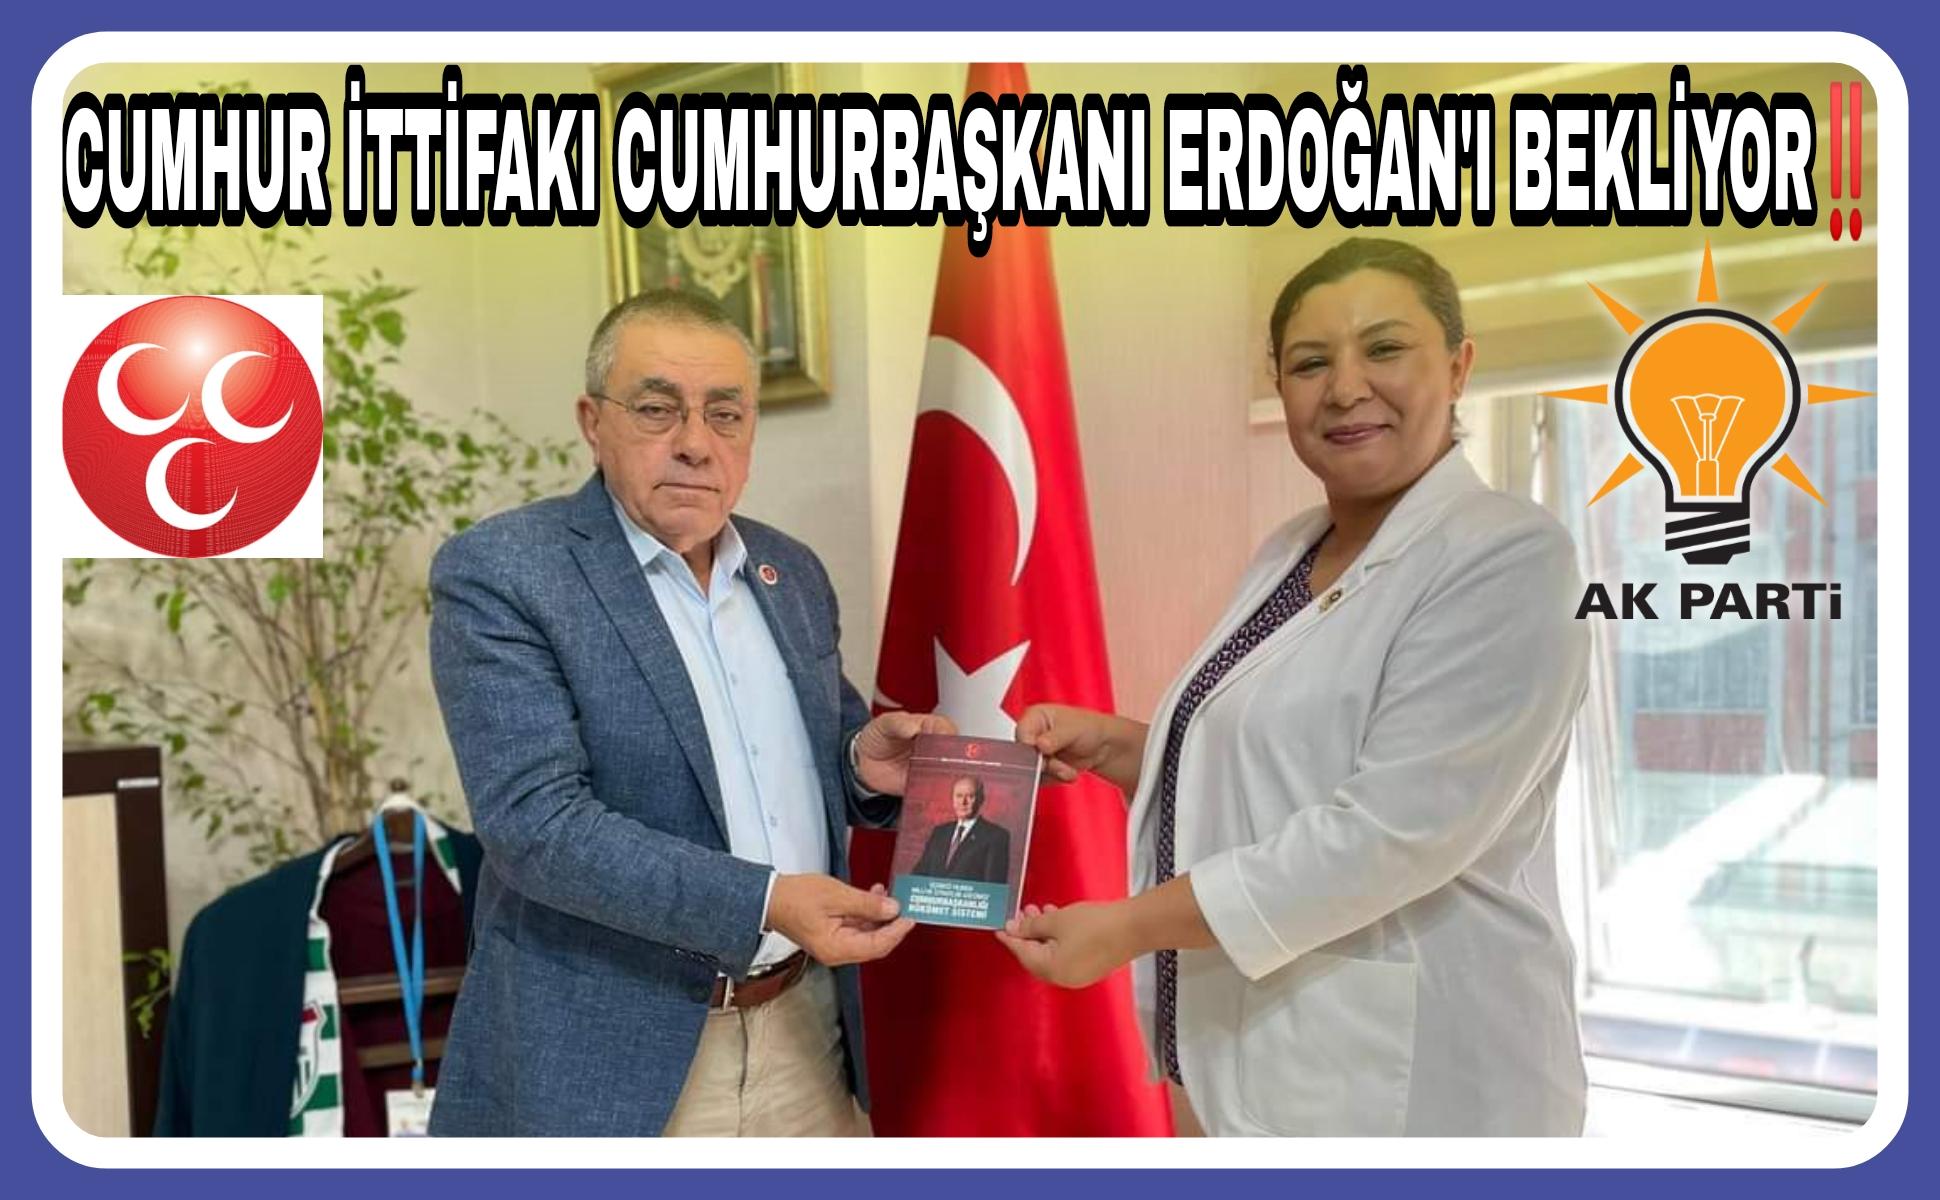 SEHER ve ARİF BAŞKAN, BAŞKAN ERDOĞAN'I BEKLİYOR